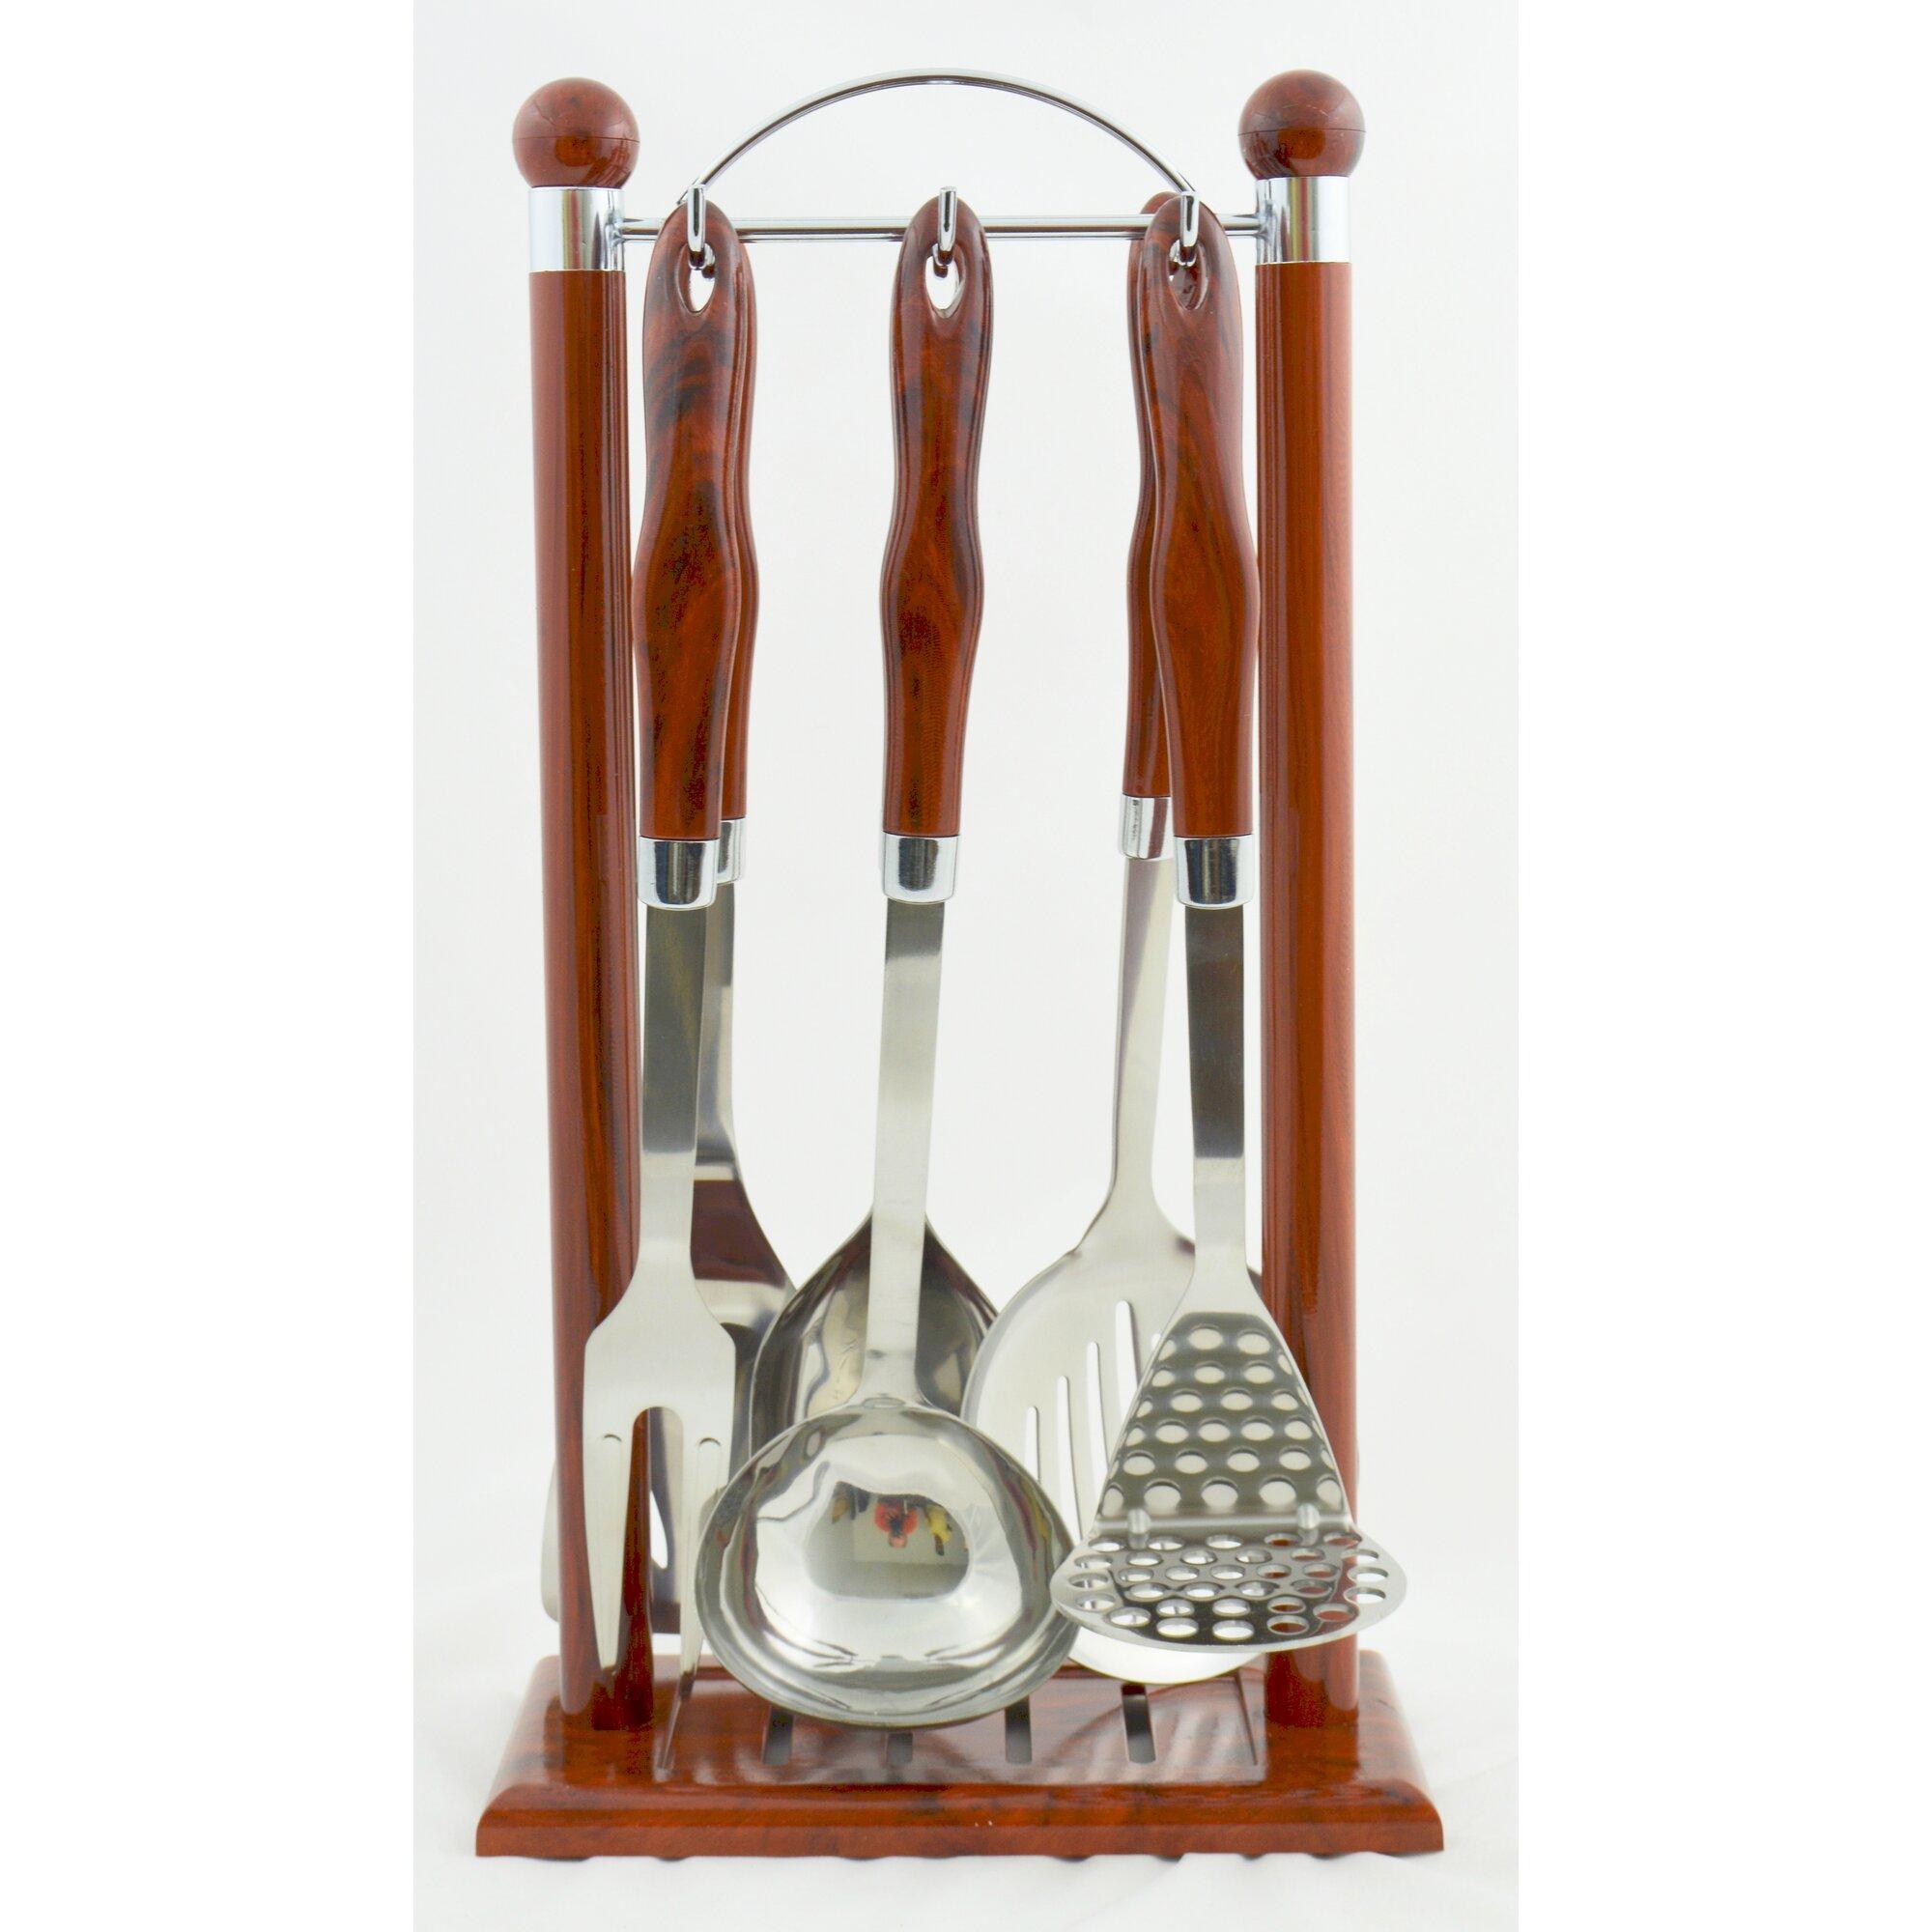 Best kitchen utensil set - Kitchen Utensil Set Stainless Steel